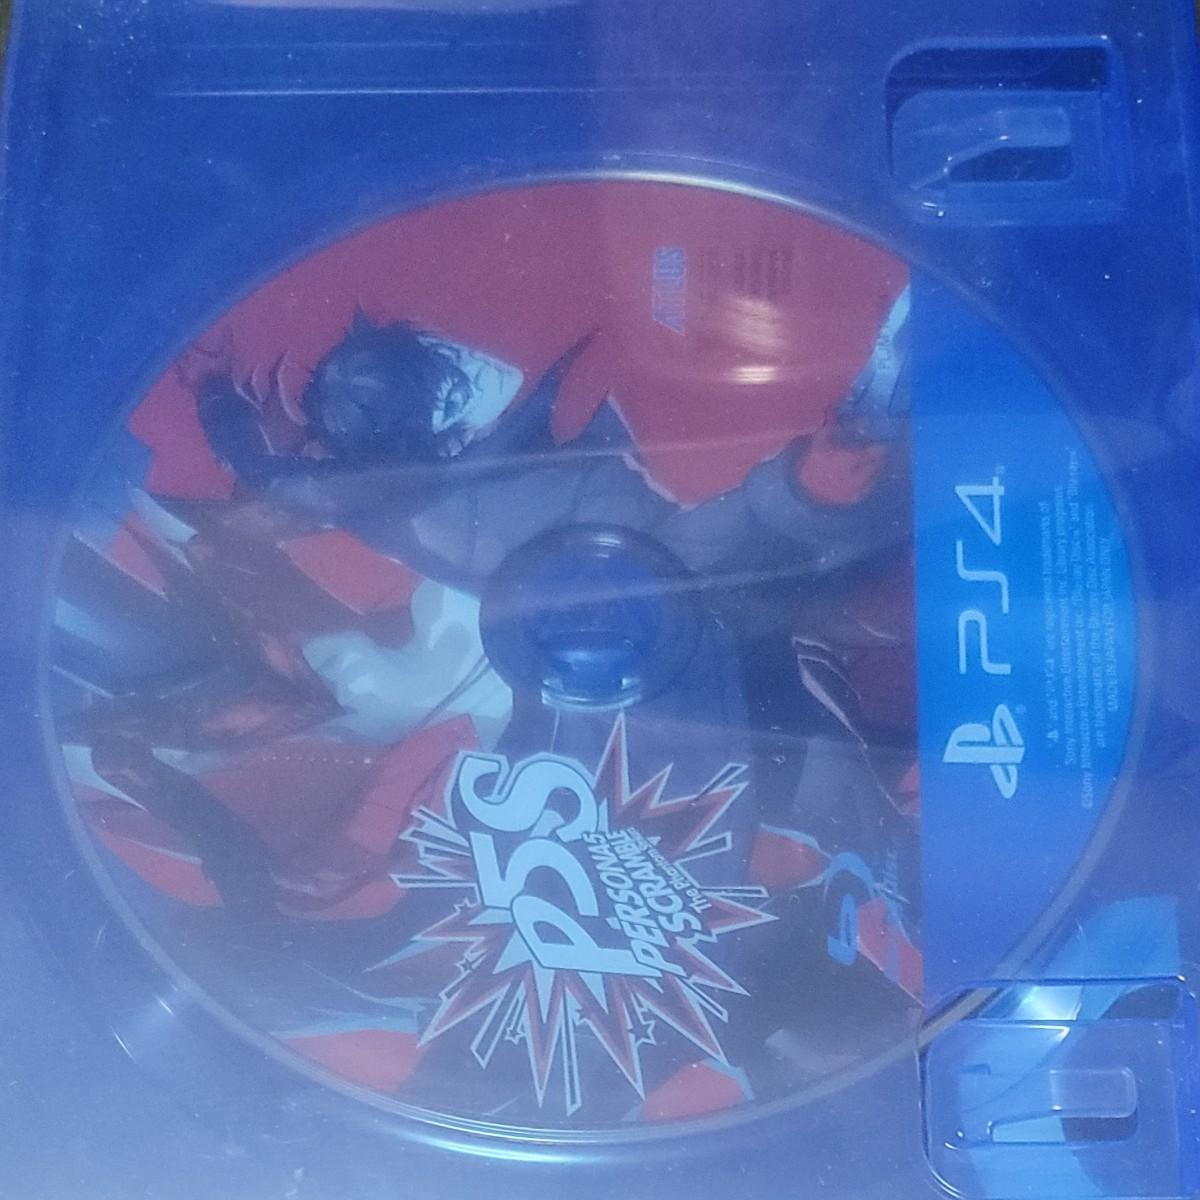 ペルソナ5 スクランブル ザ ファントム ストライカーズ PS4 PERSONA5